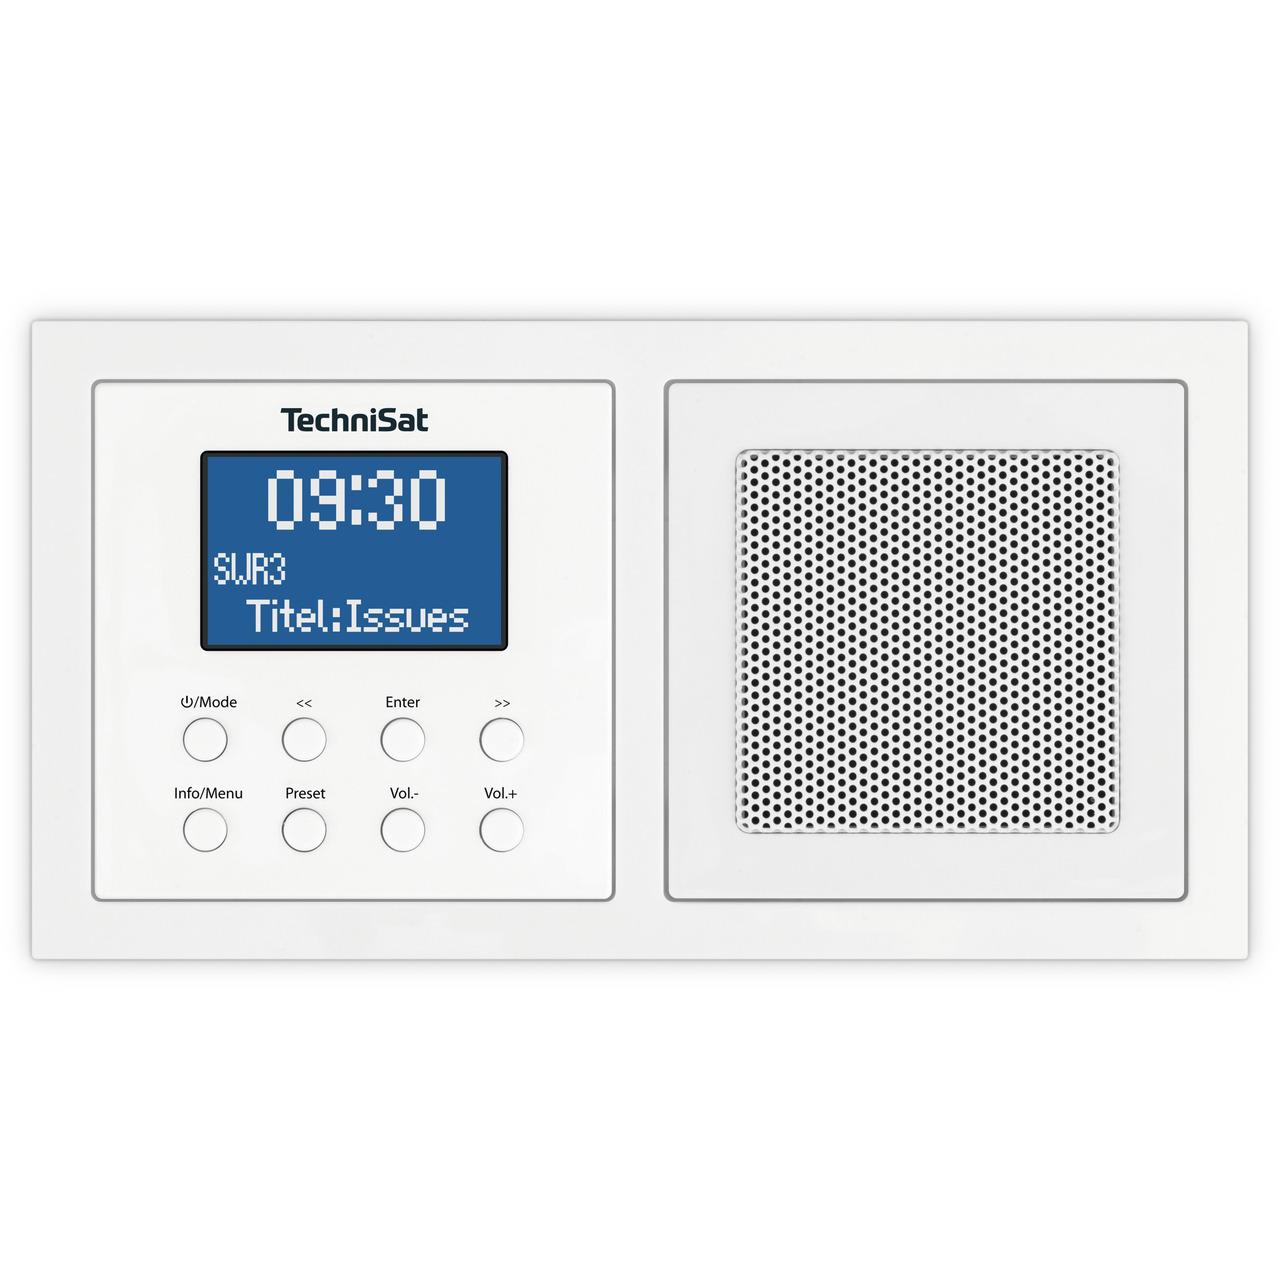 TechniSat Unterputzradio DigitRadio UP 1- DAB+-UKW-Radio- Bluetooth- mit Lautsprecher- weiund-223